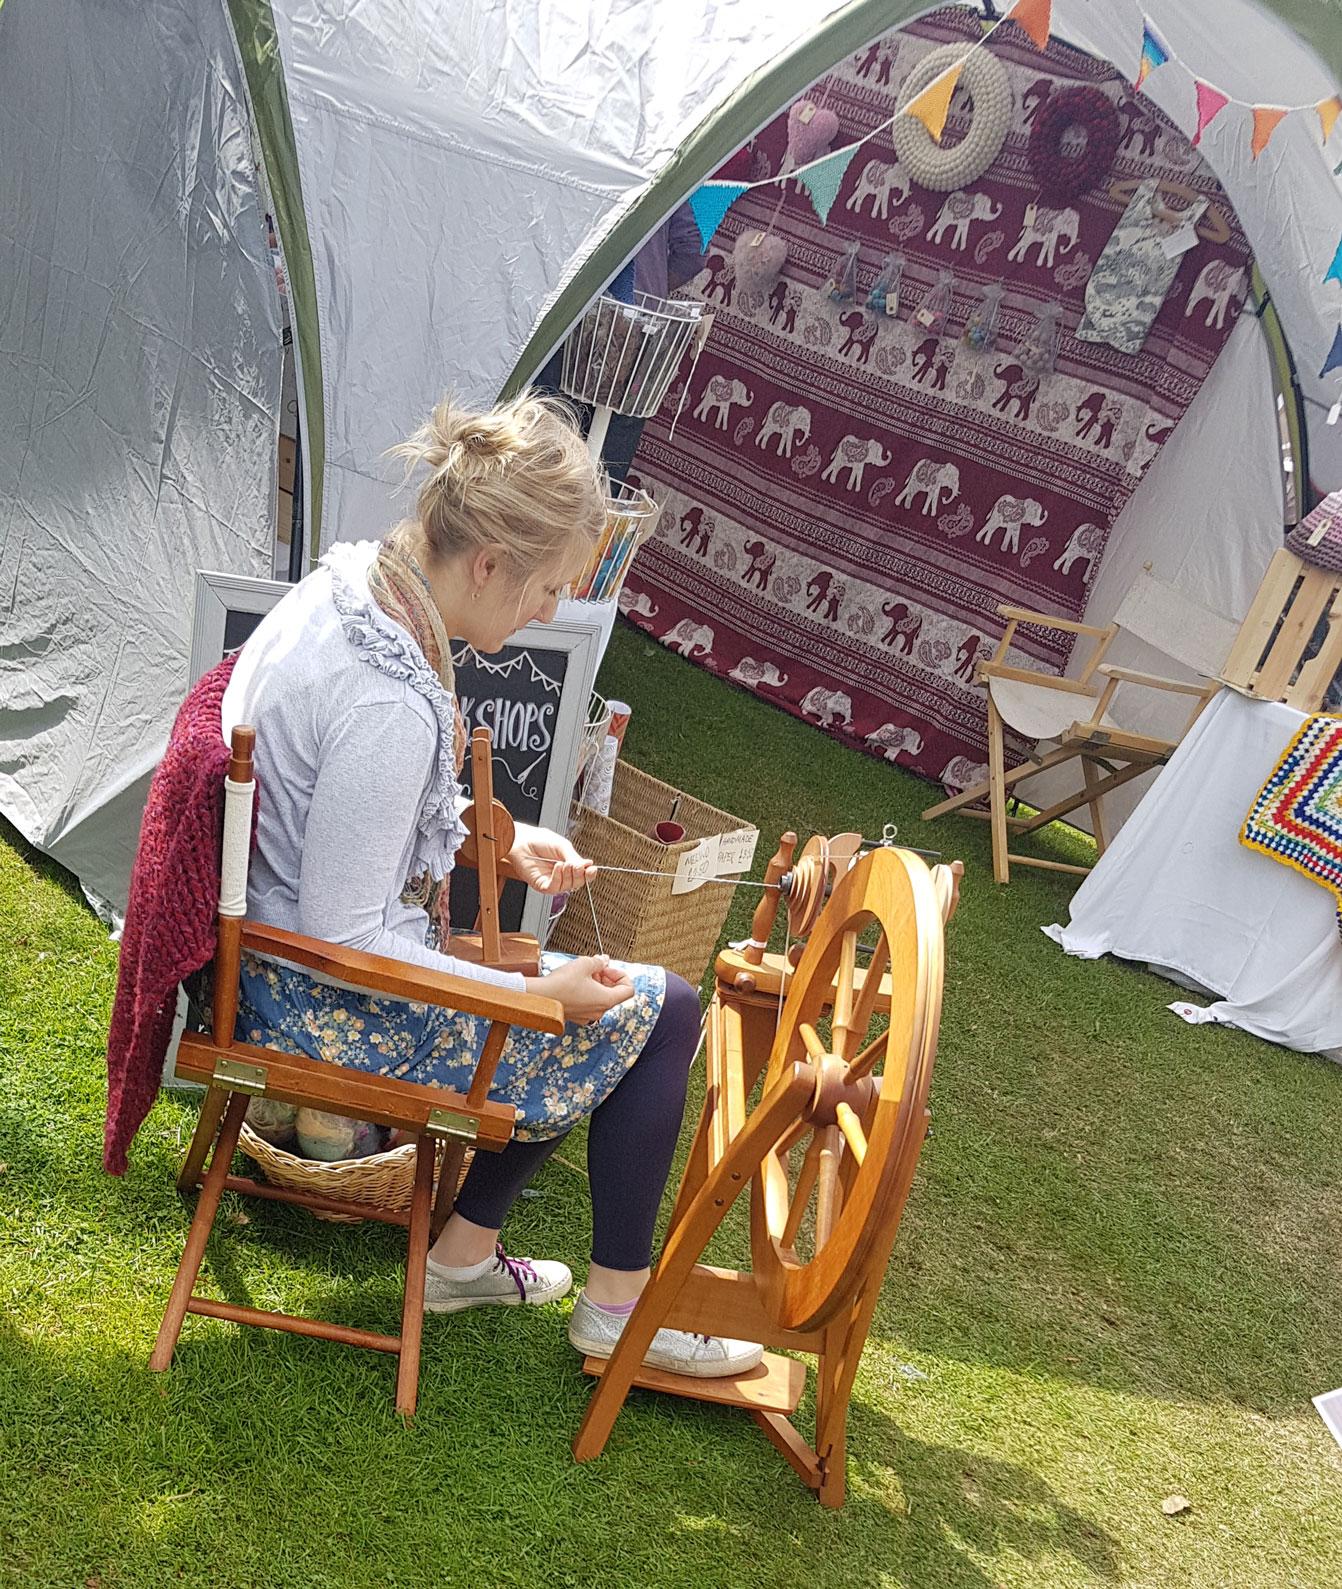 handspun-yarn-leamington-spa2